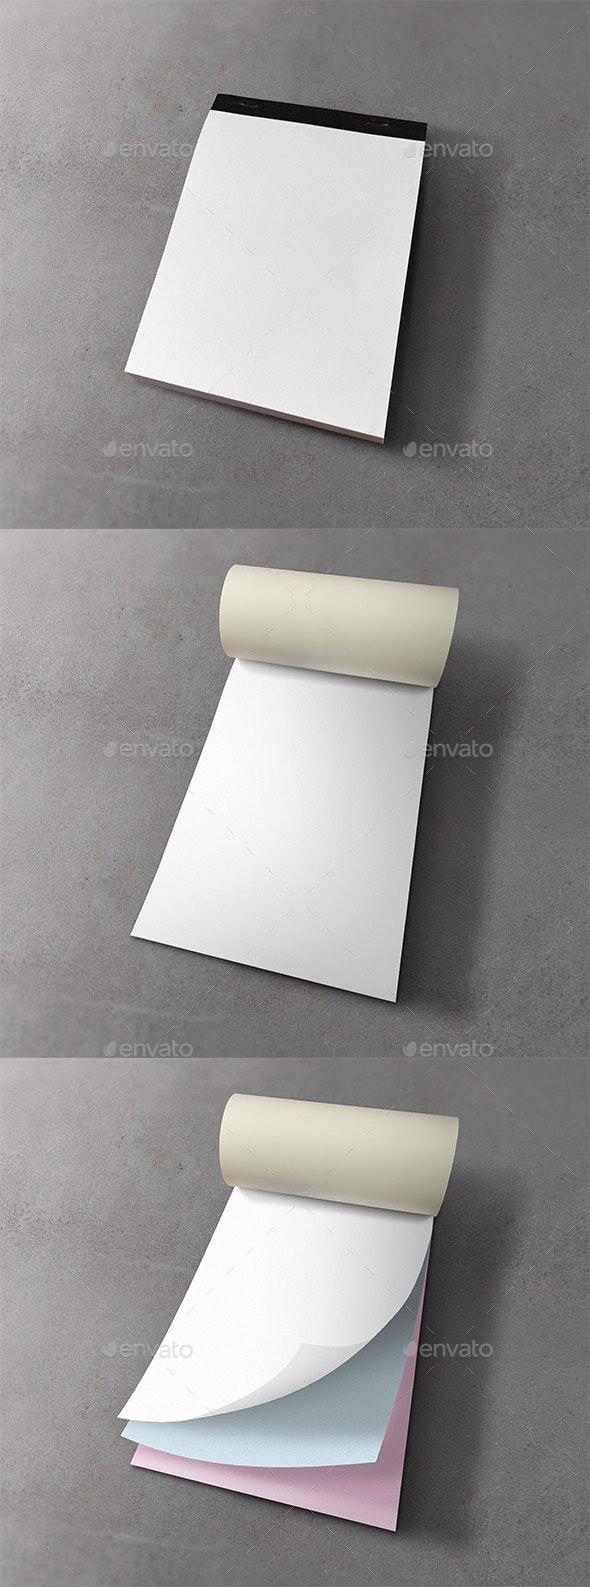 Notepad Mockup - Print Product Mock-Ups